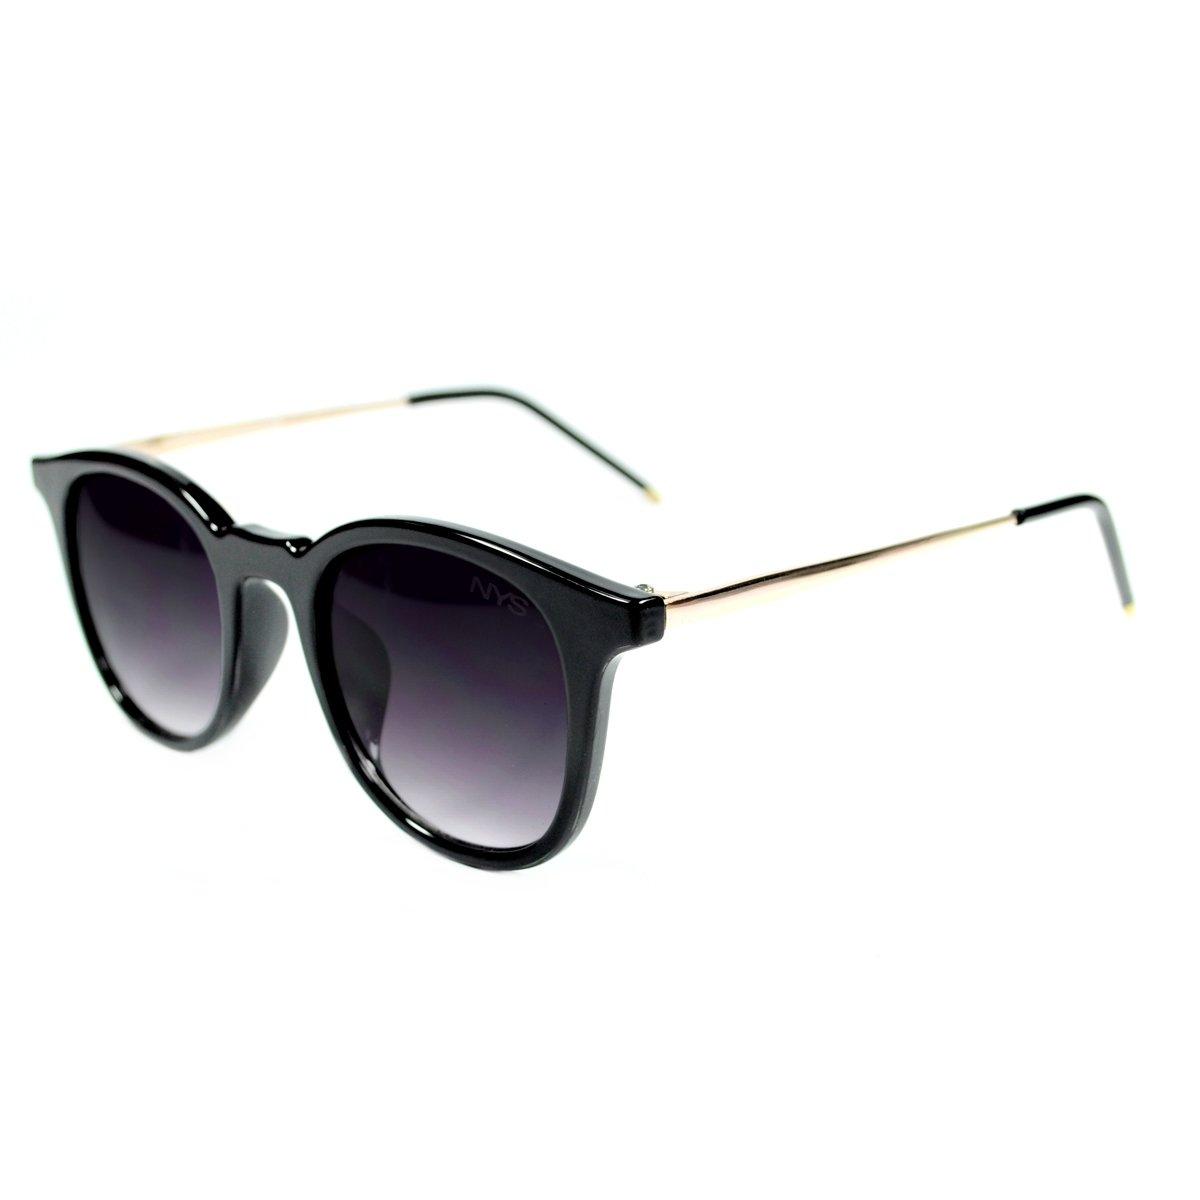 9a72e3376311f Óculos NYS Collection - Compre Agora   Netshoes